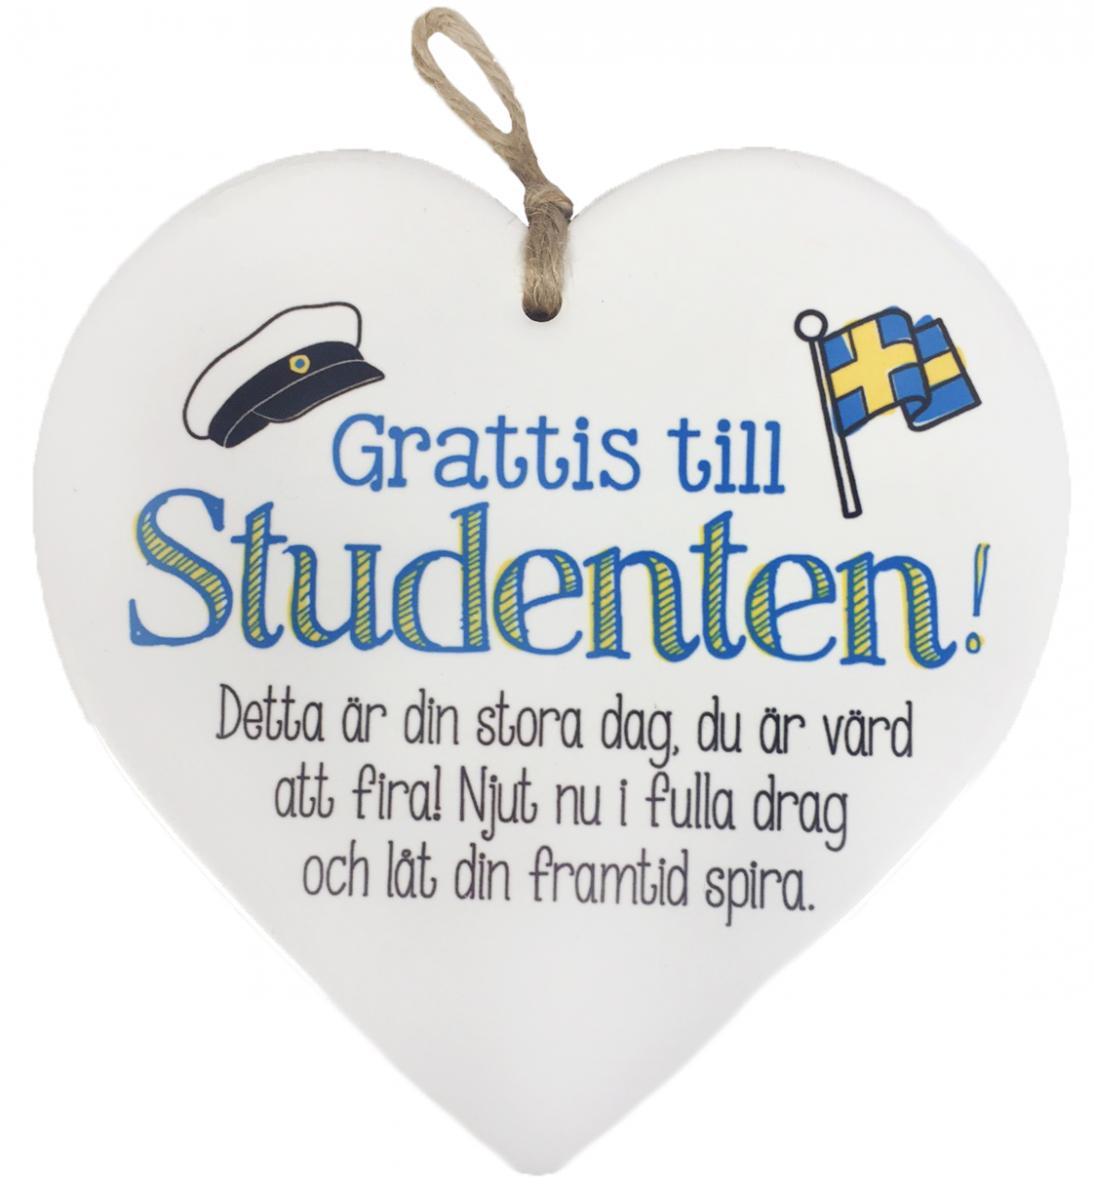 grattis på din studentdag Hjärta Studenten | Presenteriet.se grattis på din studentdag